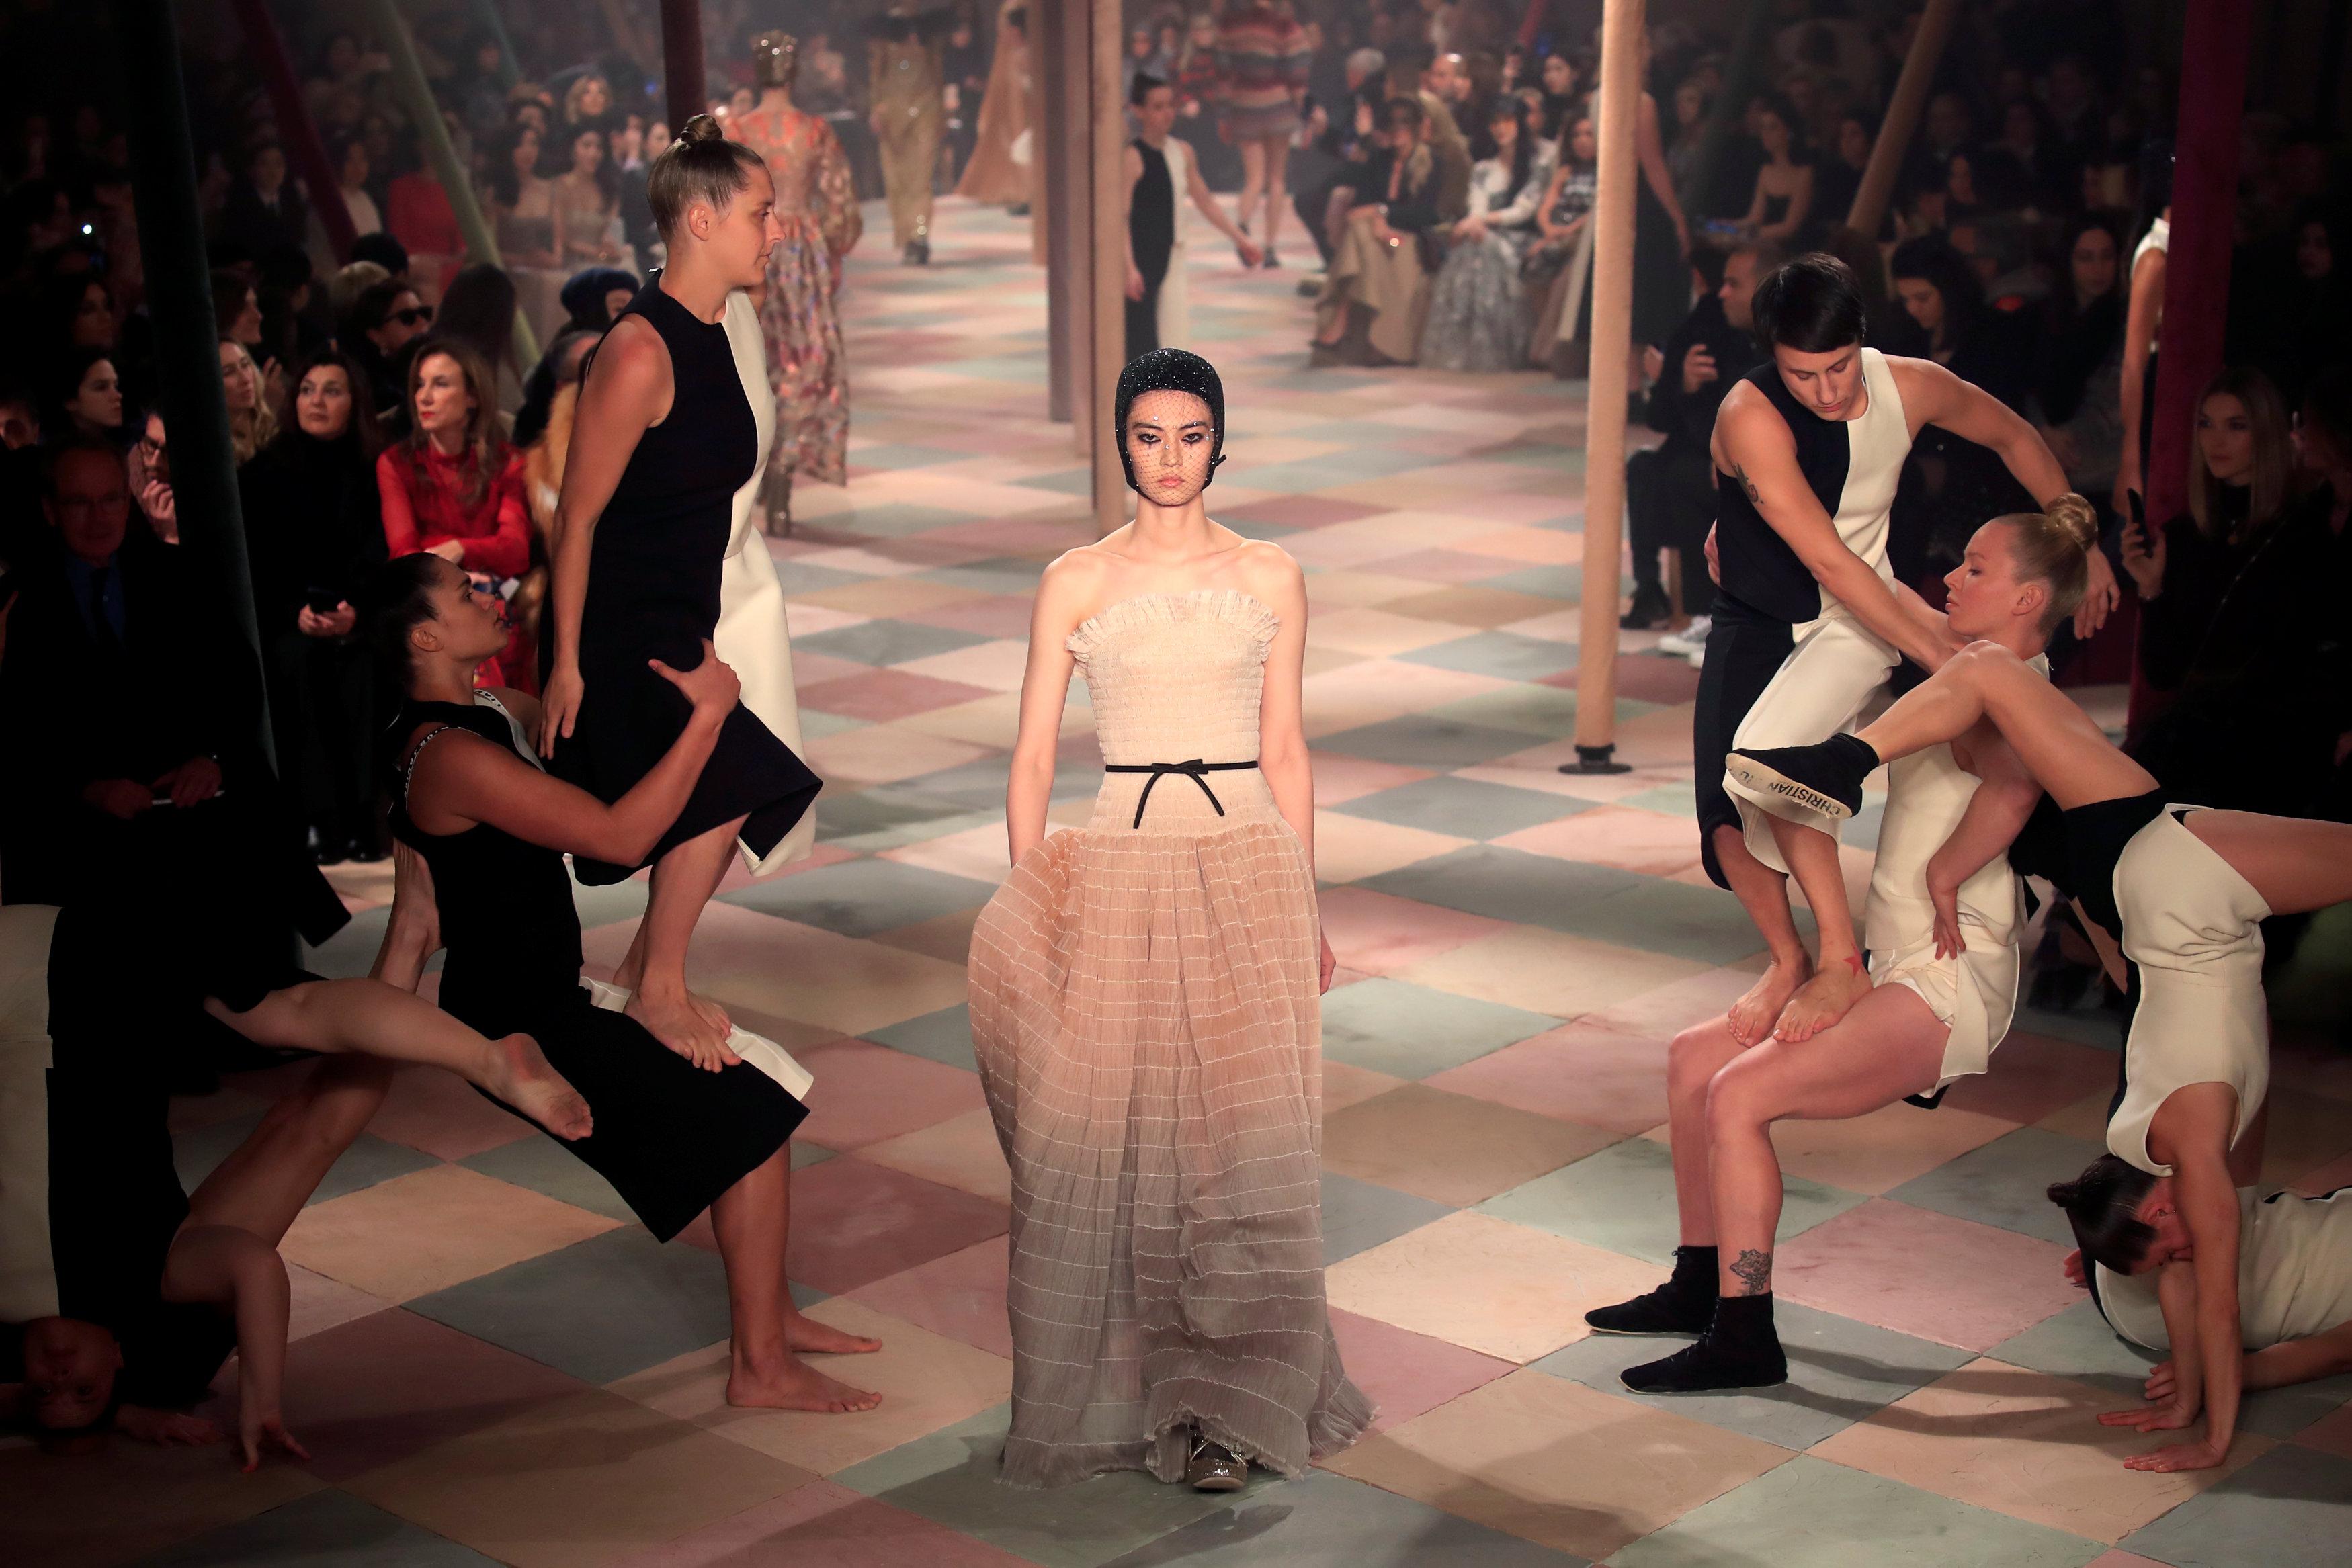 عرض أزياء ماكسيم سيمنز خلال أسبوع الموضة بباريس (3)